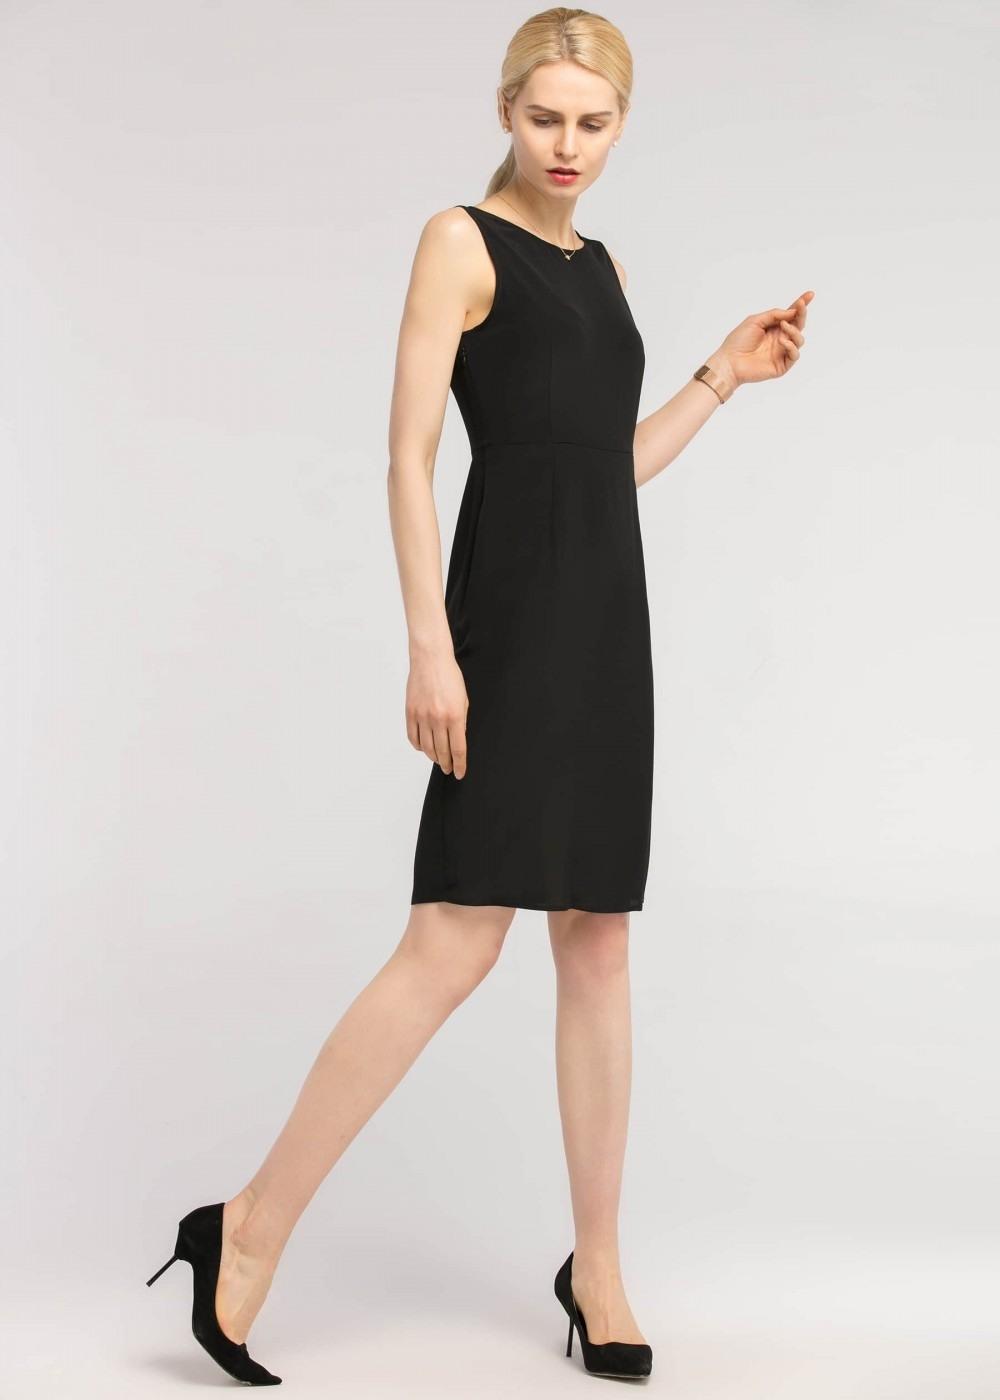 13 Top Schwarzes Kleid Knielang Boutique20 Luxus Schwarzes Kleid Knielang Galerie